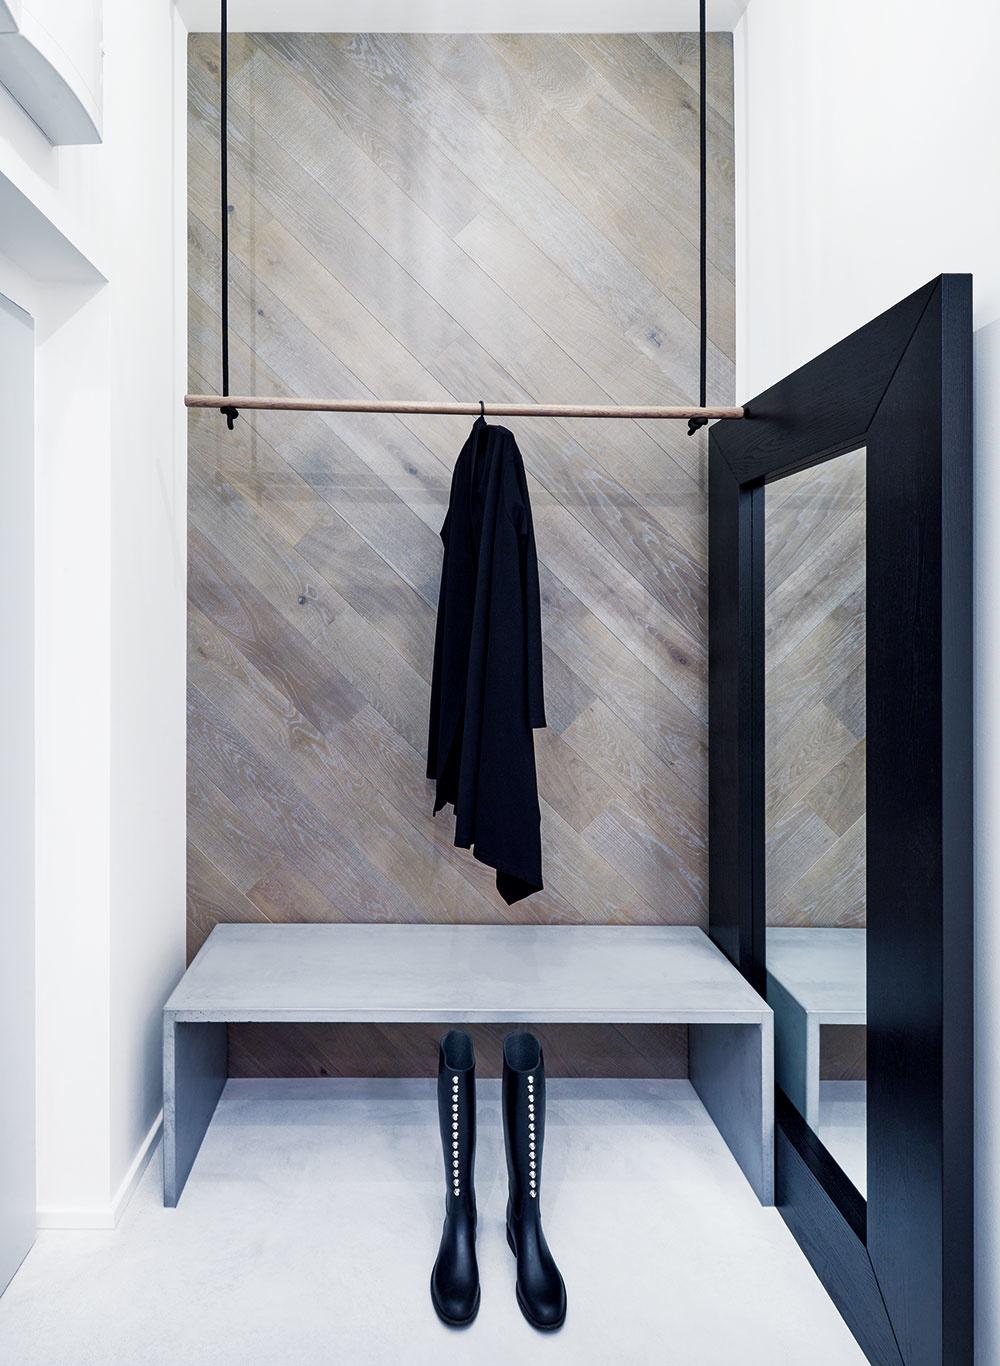 Hojdačka ako vešiak na kabáty – tentonetradičný interiérový prvok vás privíta hneď pri vstupe do bytu. Rovnakú myšlienku rozvinuli architekti aj prioriginálnom sedení pri kuchynskom ostrove.